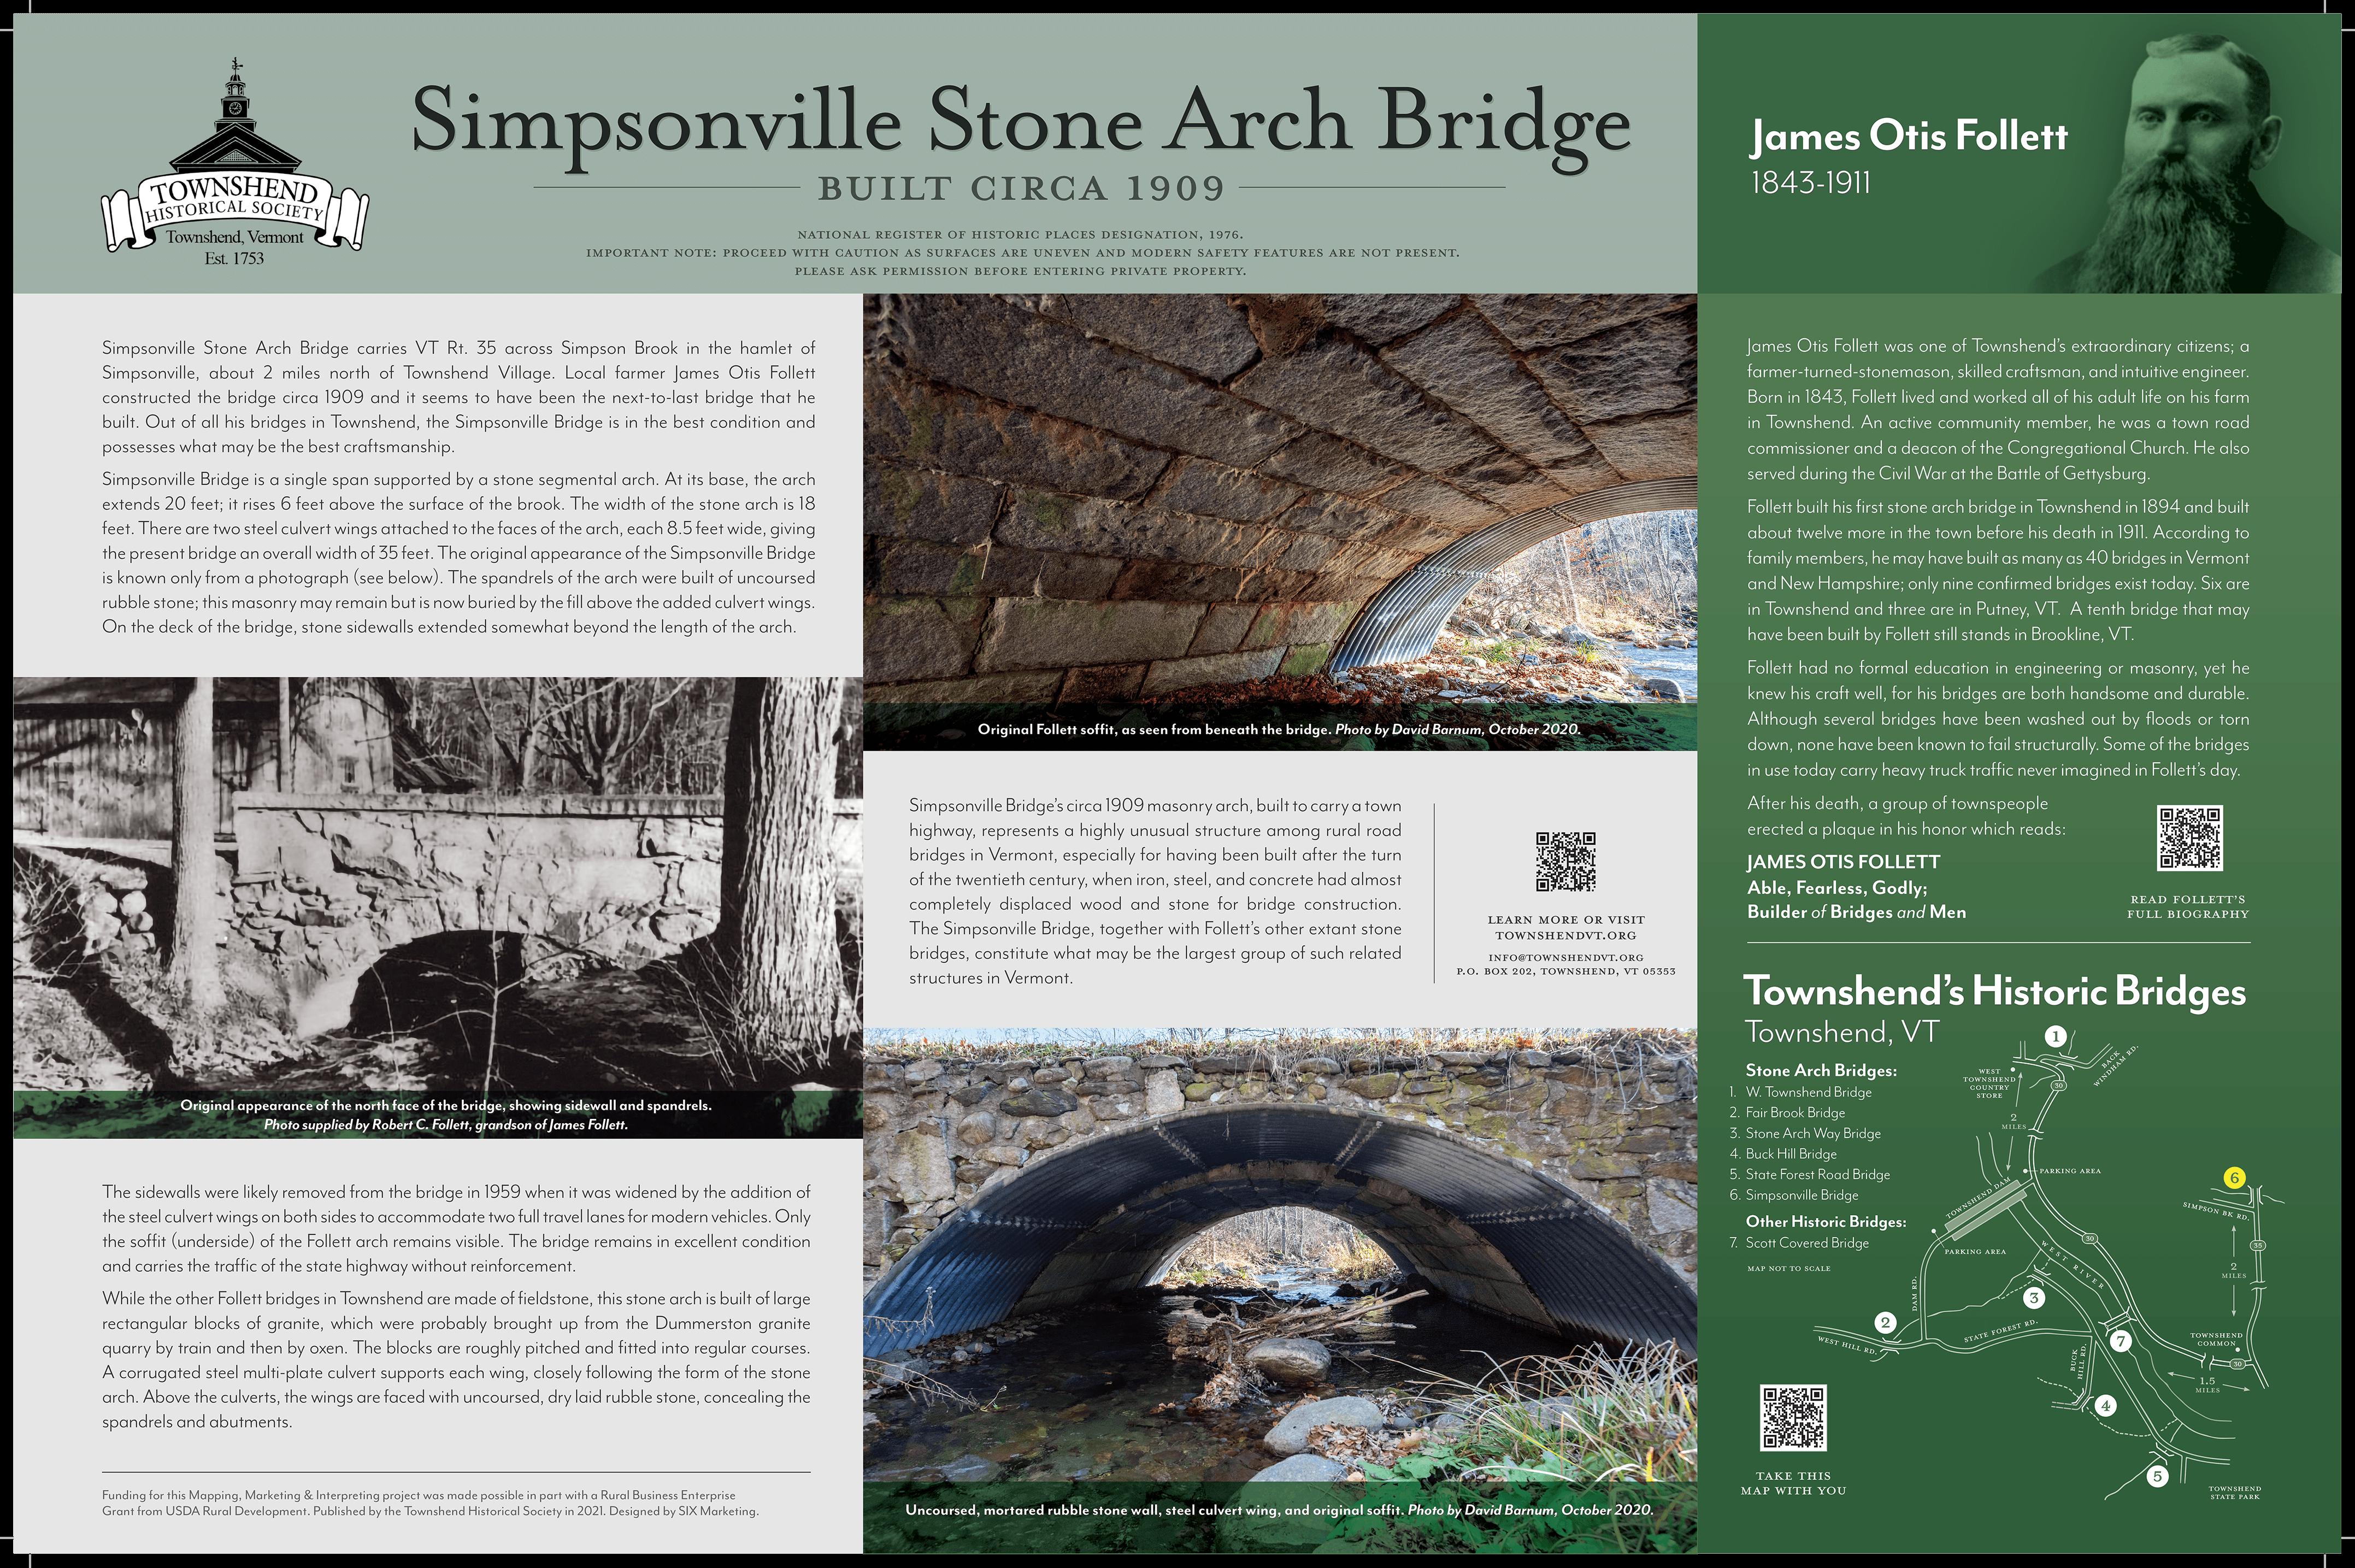 simpsonville stone arch bridge